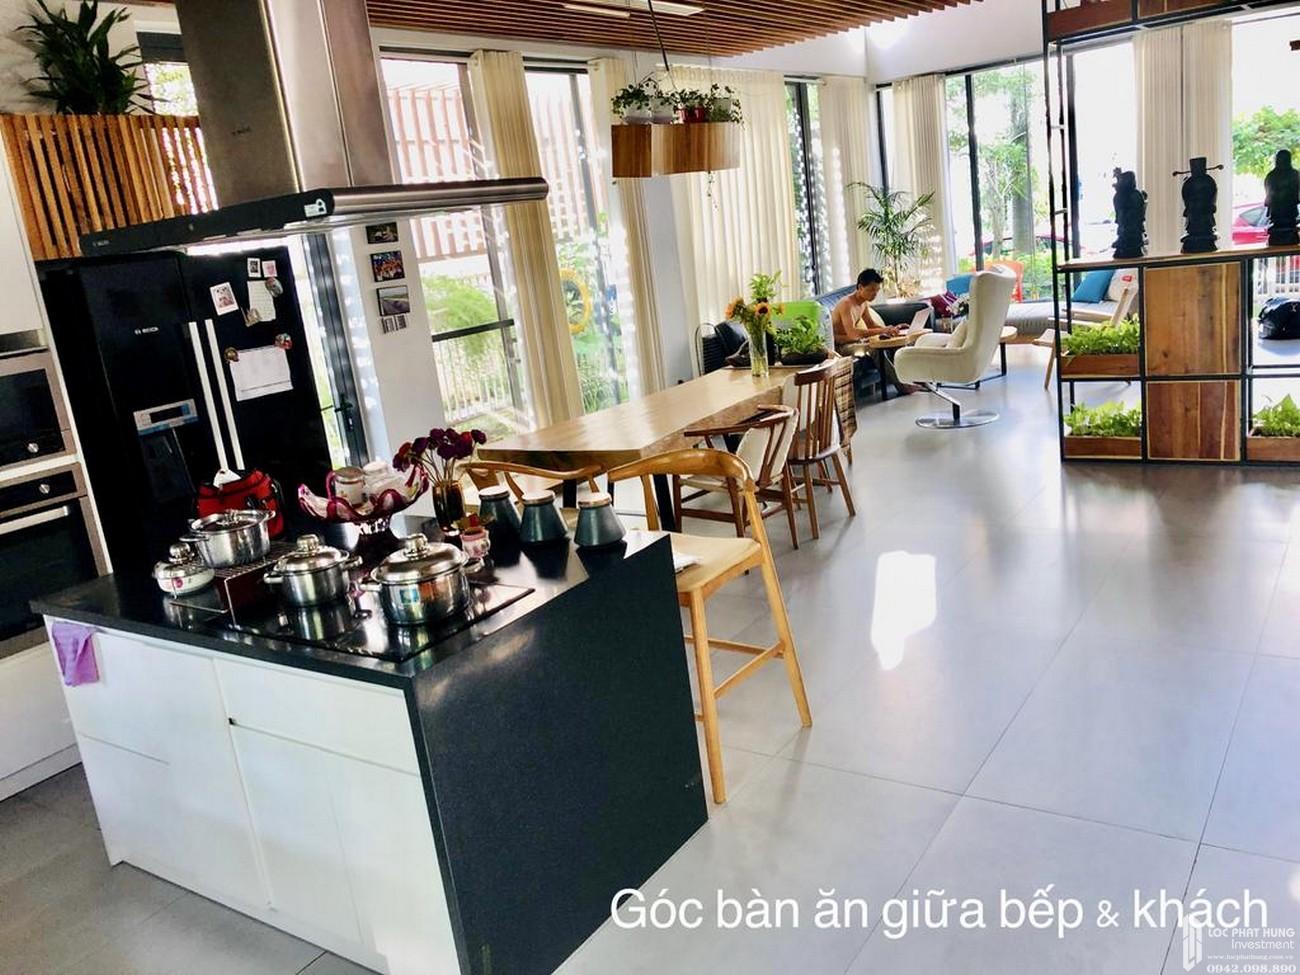 Nhà mẫu dự án nhà phố Dragon Parc Nhà Bè đường Nguyễn Hữu Thọ chủ đầu tư Phú Long